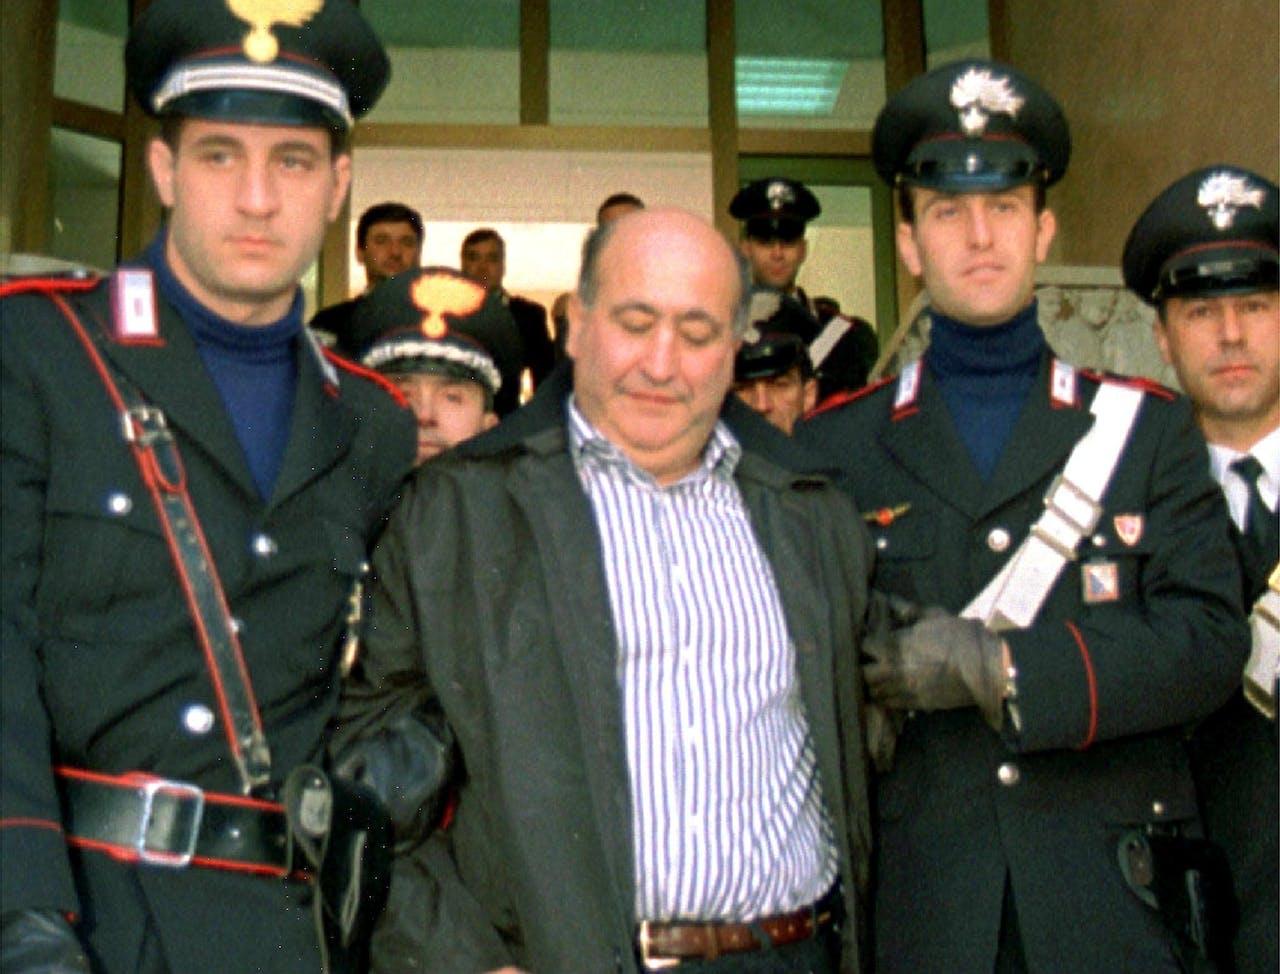 Mafia baas Giuseppe Piromalli (C) wordt naar de gevangenis geleid.